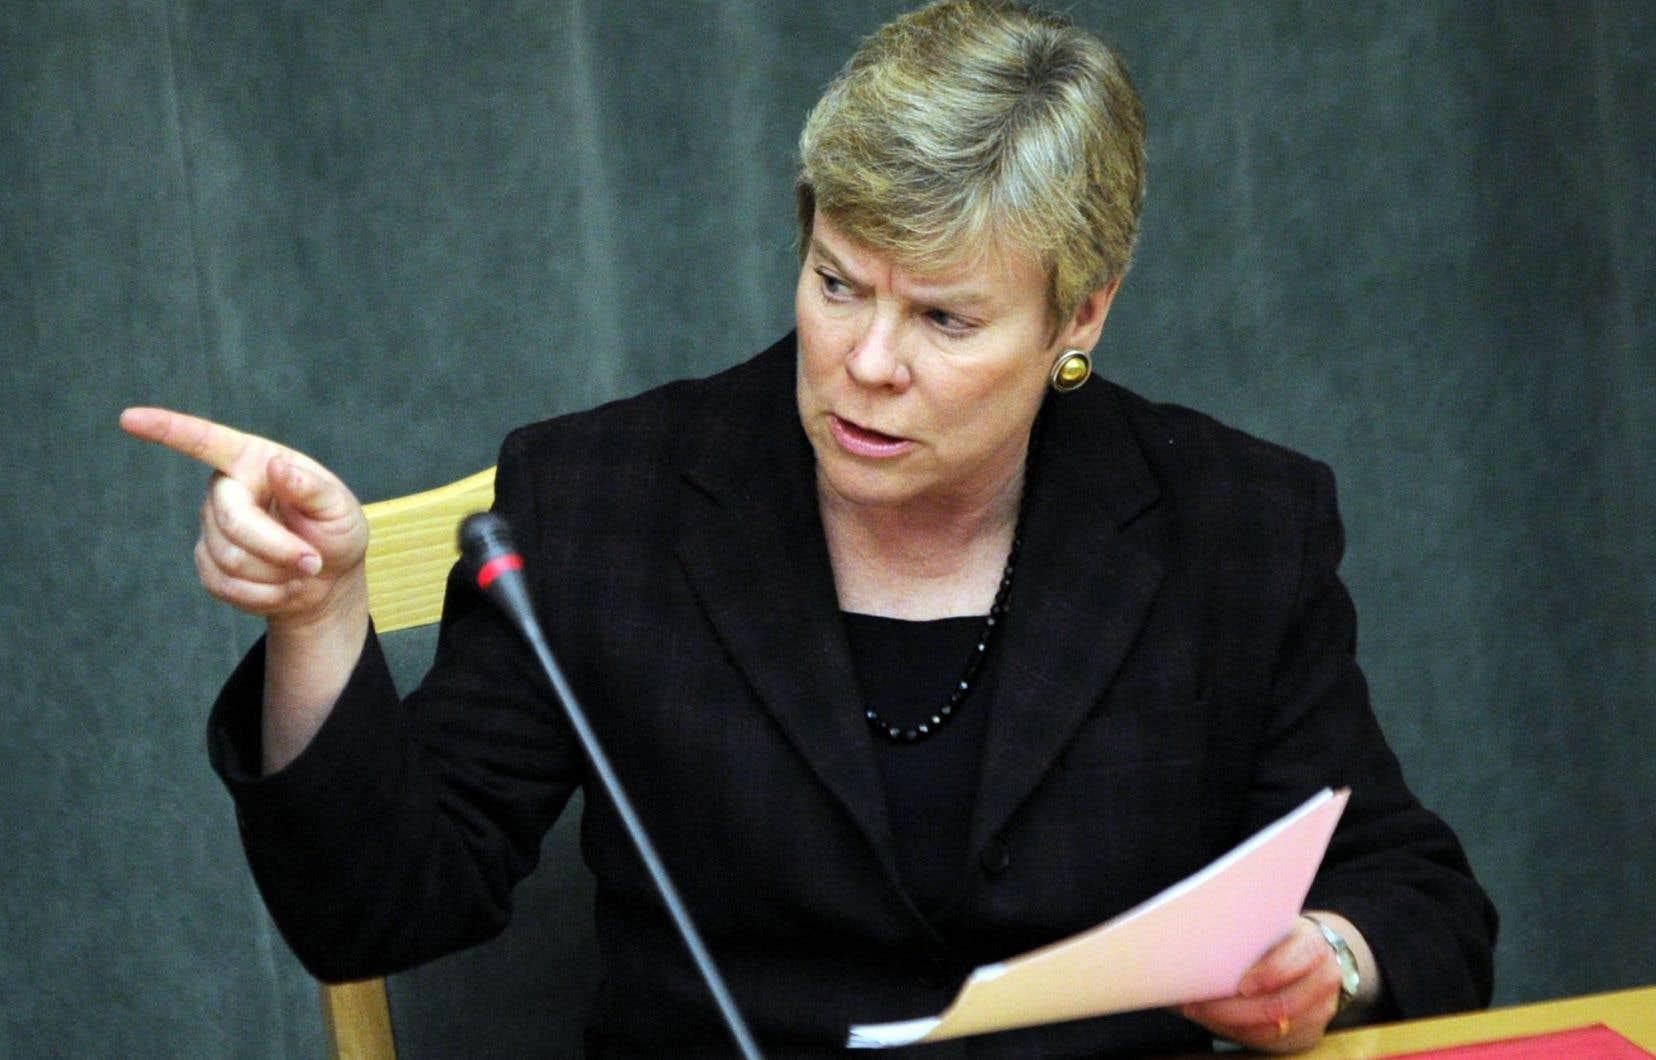 La numéro deux de l'OTAN, Rose Gottemoeller, était auparavant sous-secrétaire d'État au contrôle des armements et à la sécurité internationale des États-Unis.